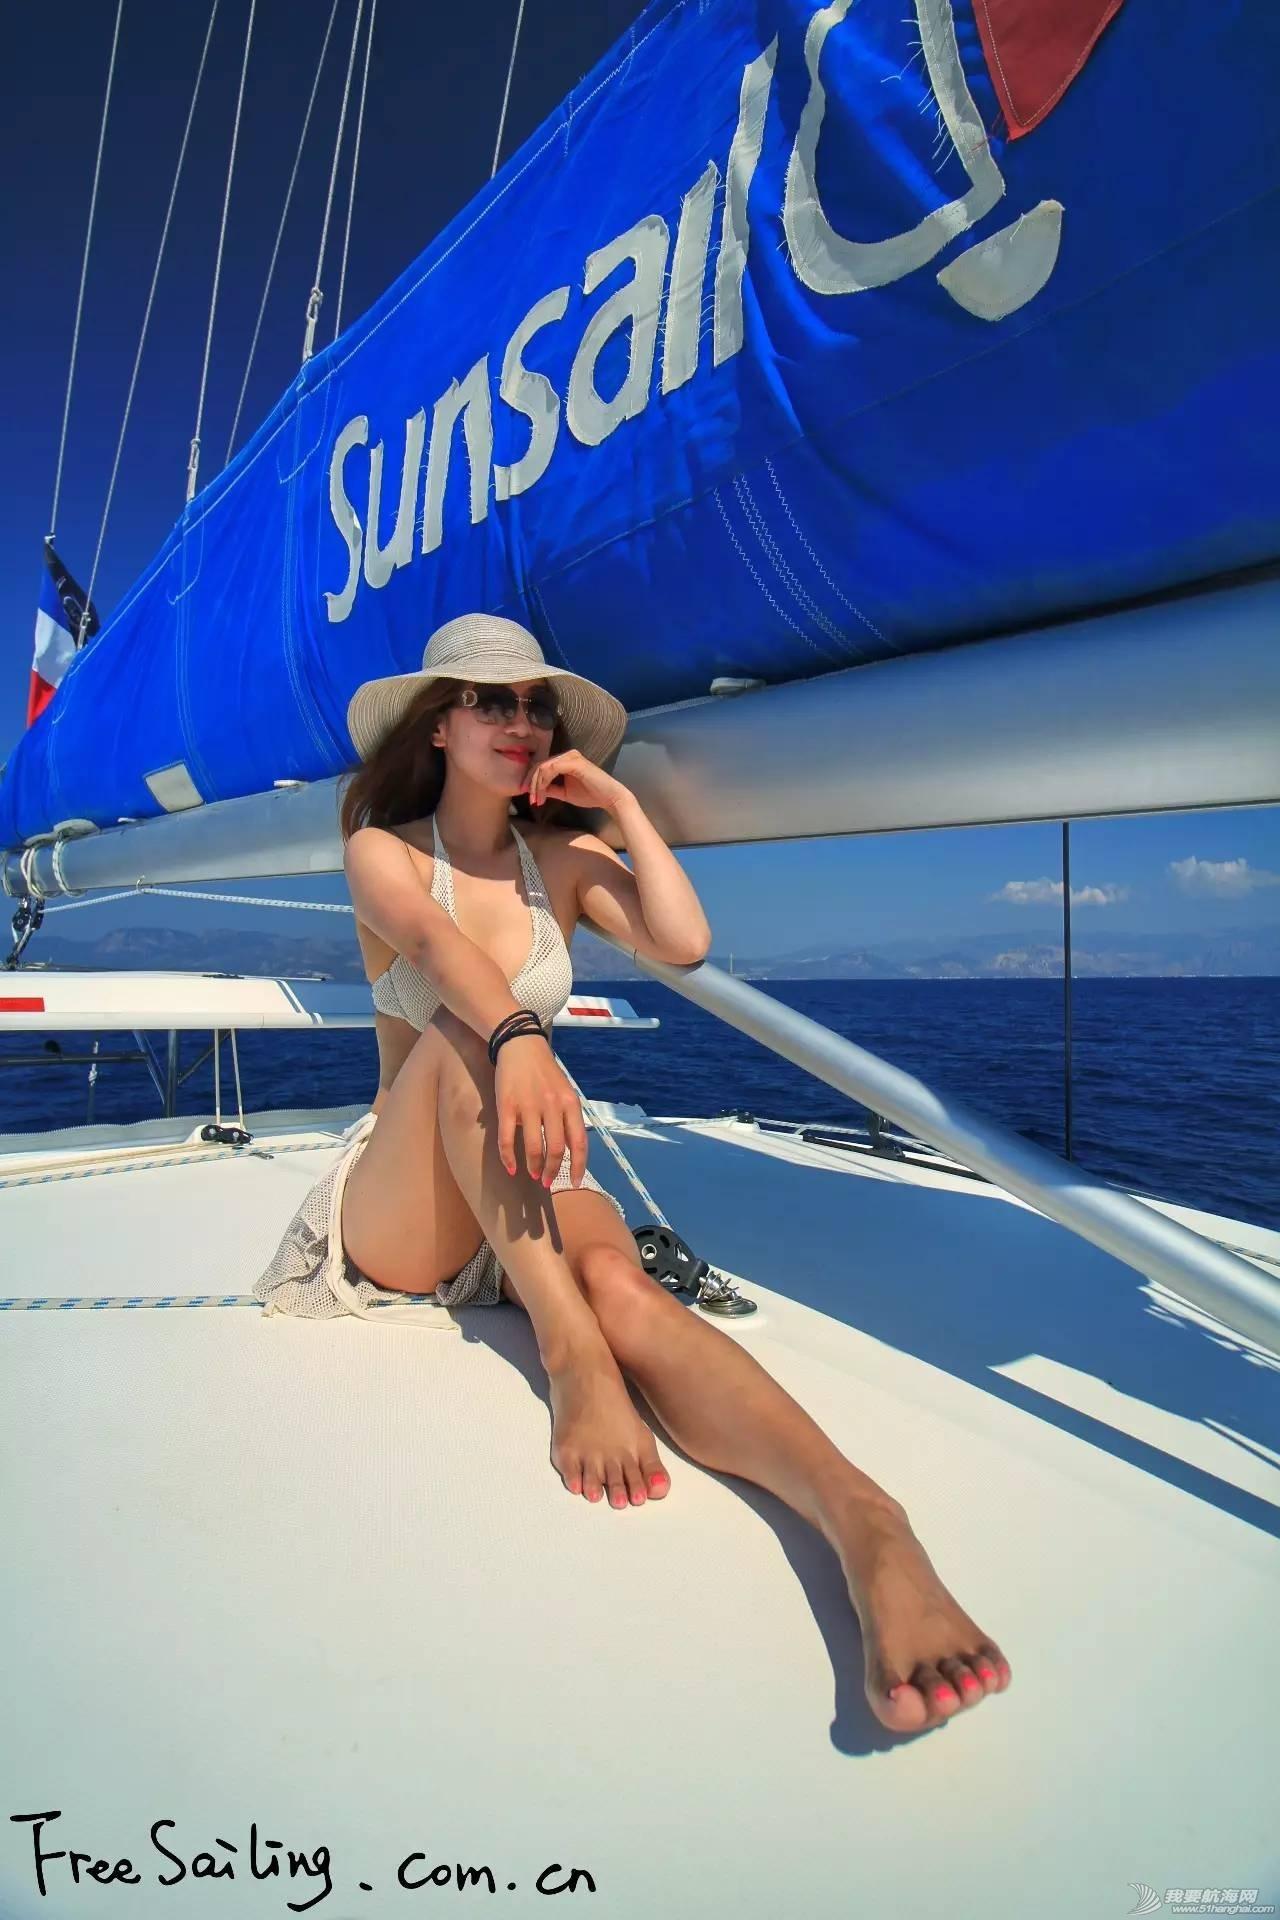 3天短途帆船旅行,五一相约安达曼海 968f0b0900549567b627973168d7089c.jpg